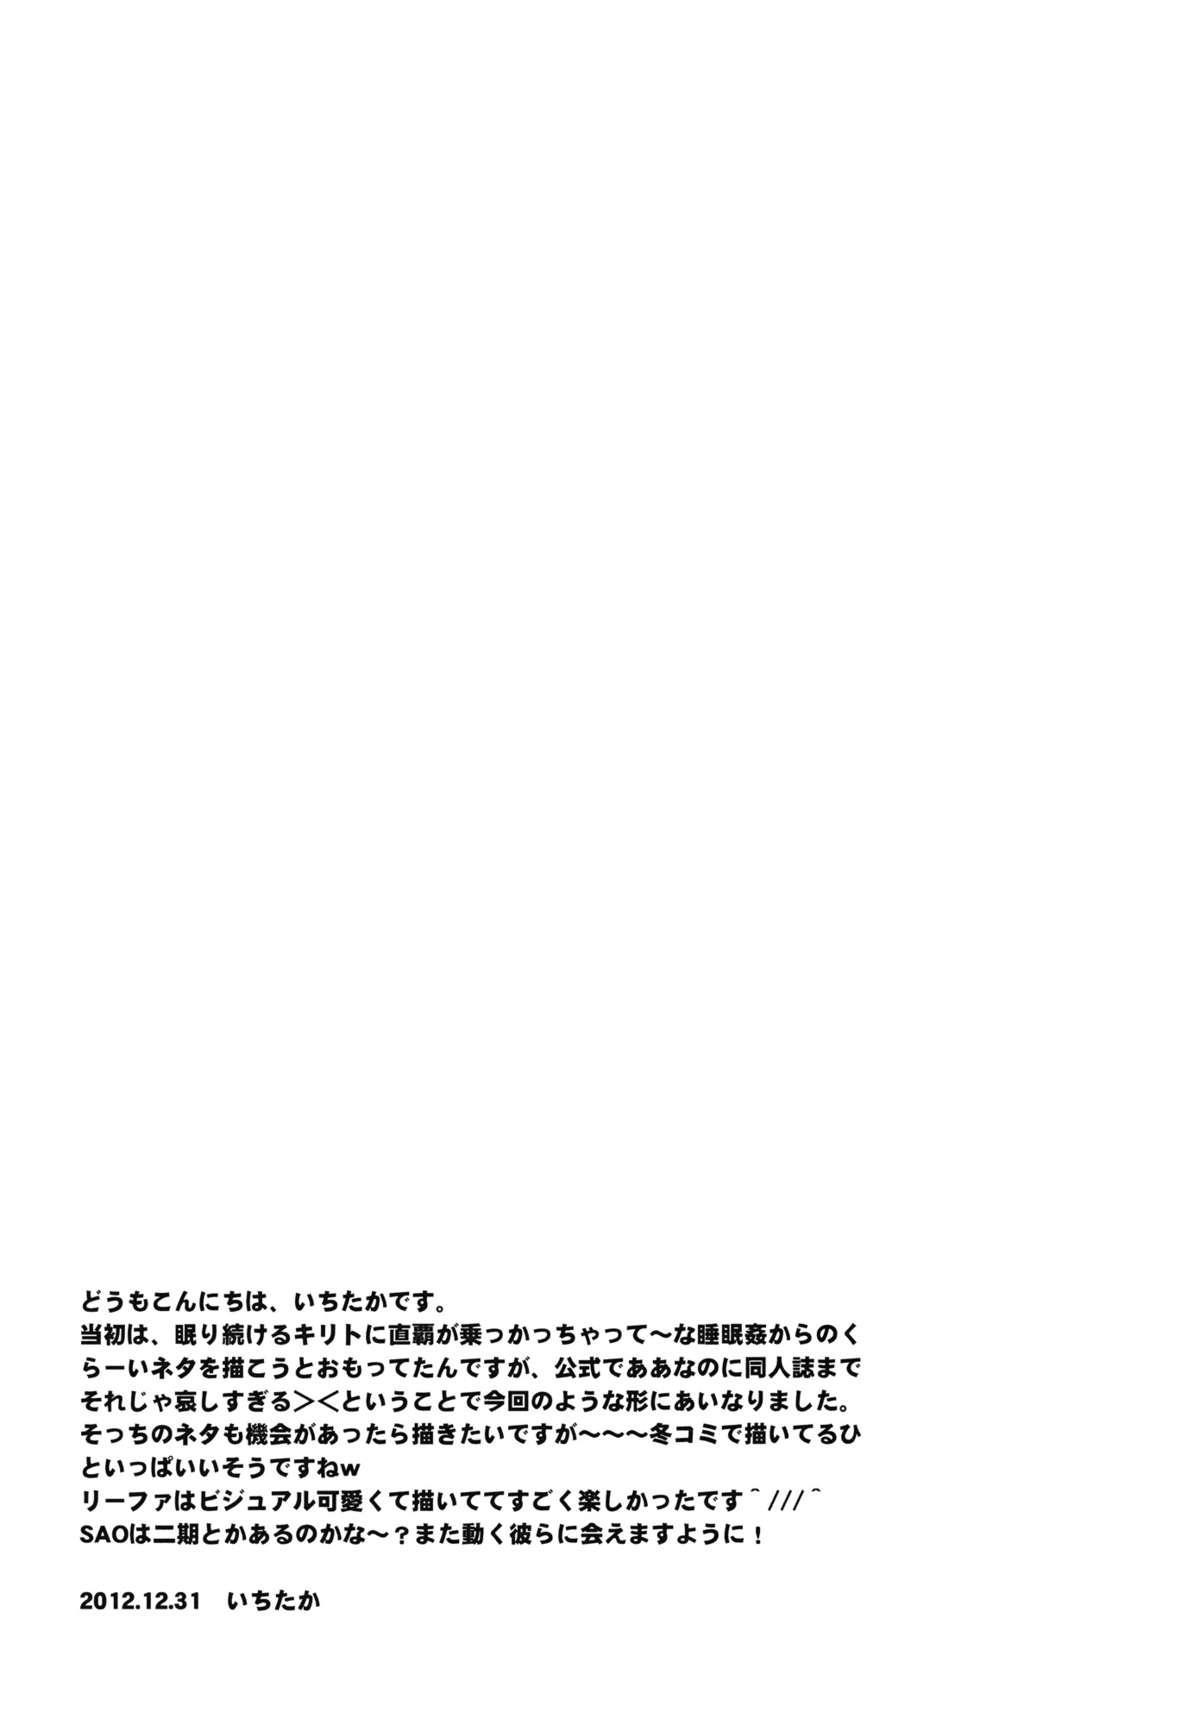 C9-03 Suguha to Lyfa to Oniichan no Shiawase Kazoku Keikaku 26